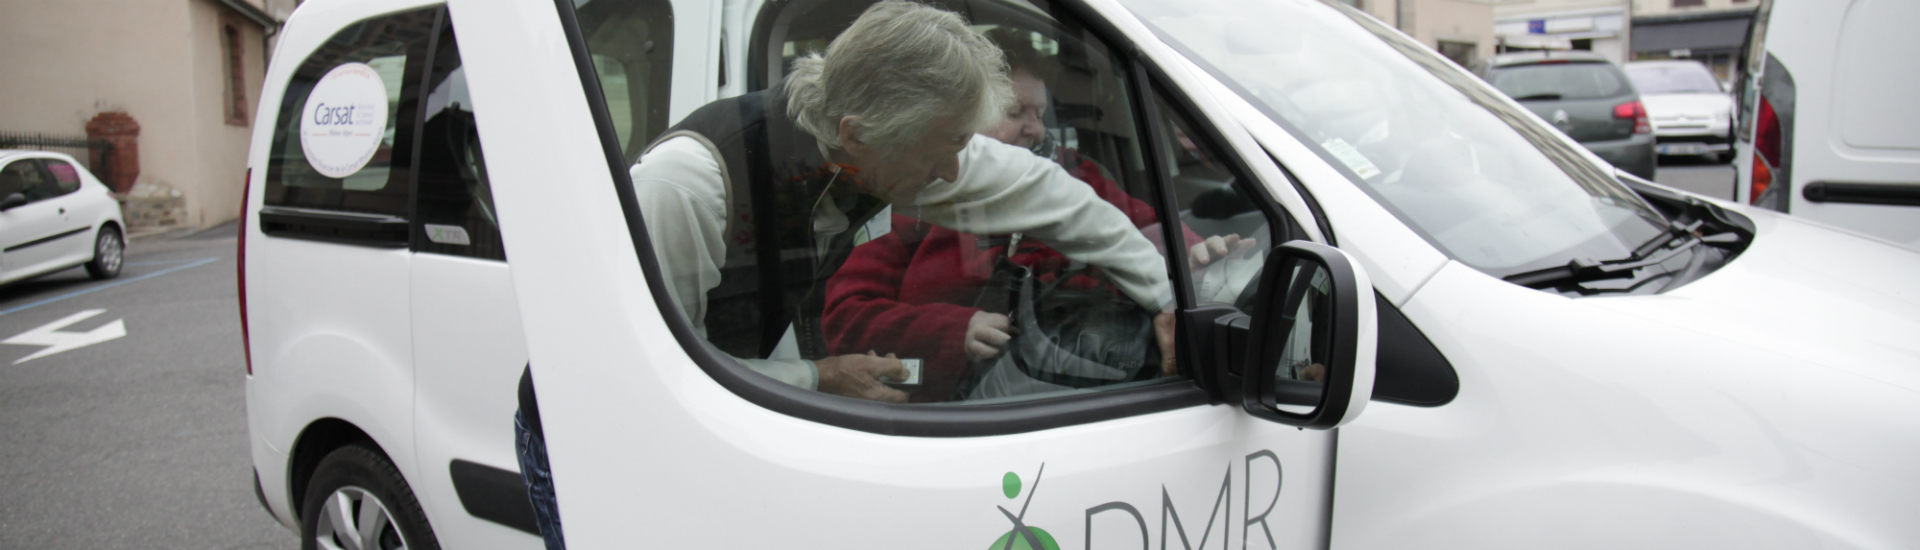 Transport accompagné, aide à la mobilité